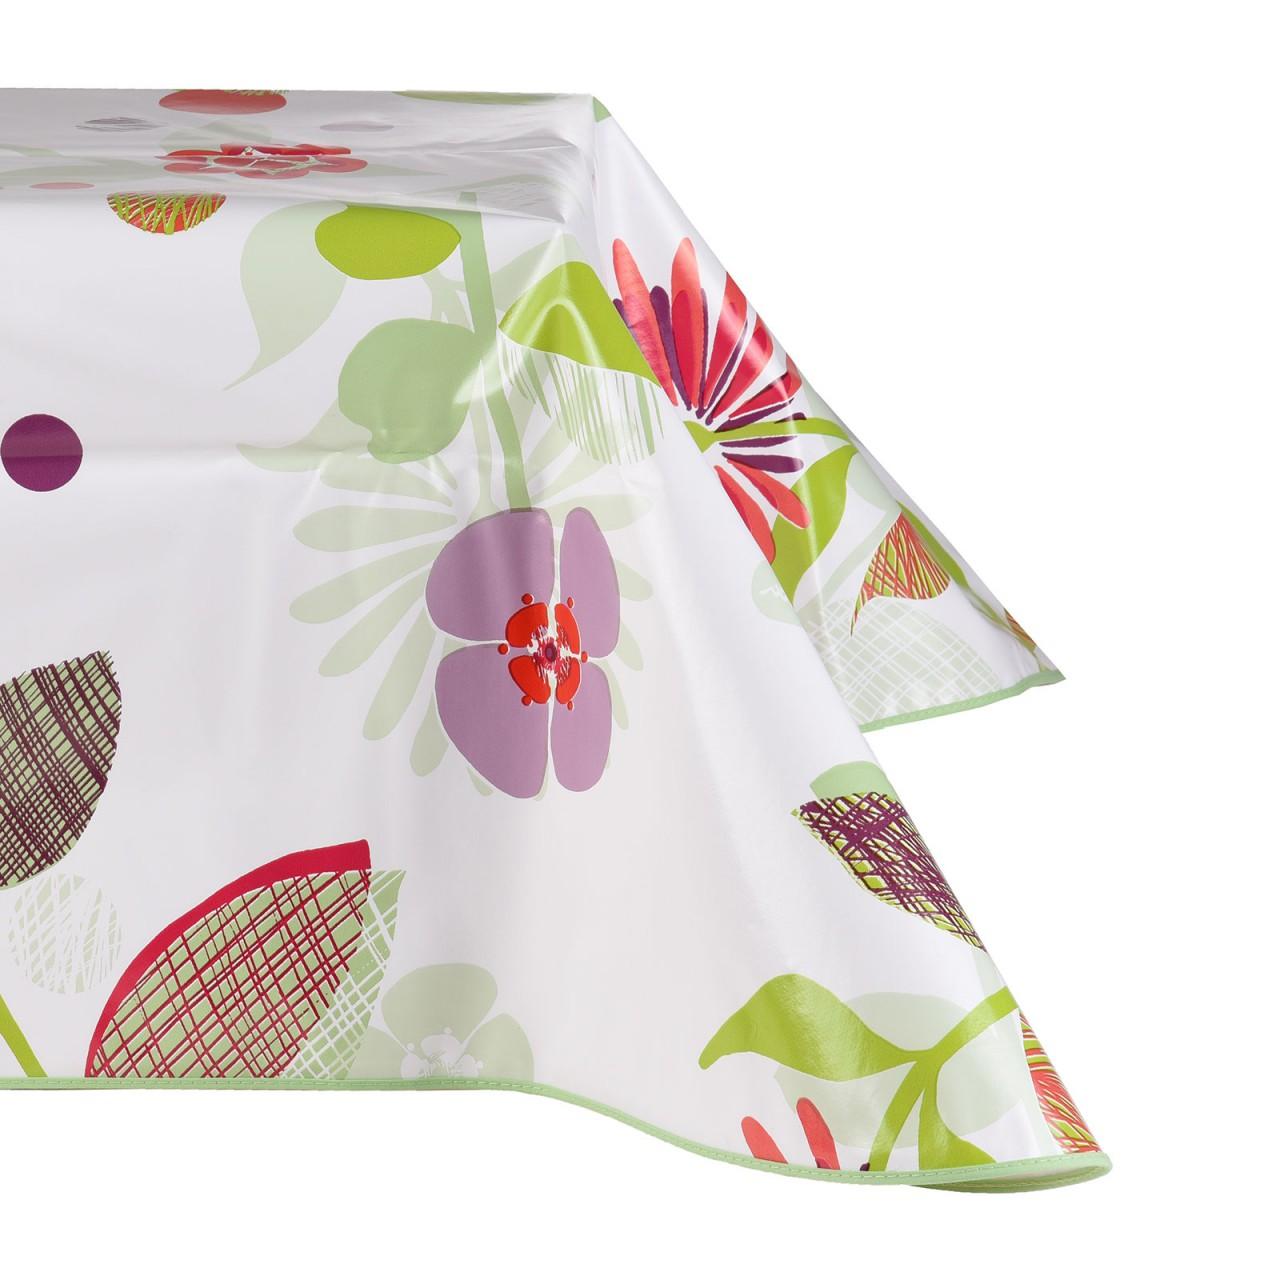 Garten outdoor tischdecke denise abwaschbar verschiedene - Tischdecke outdoor ...